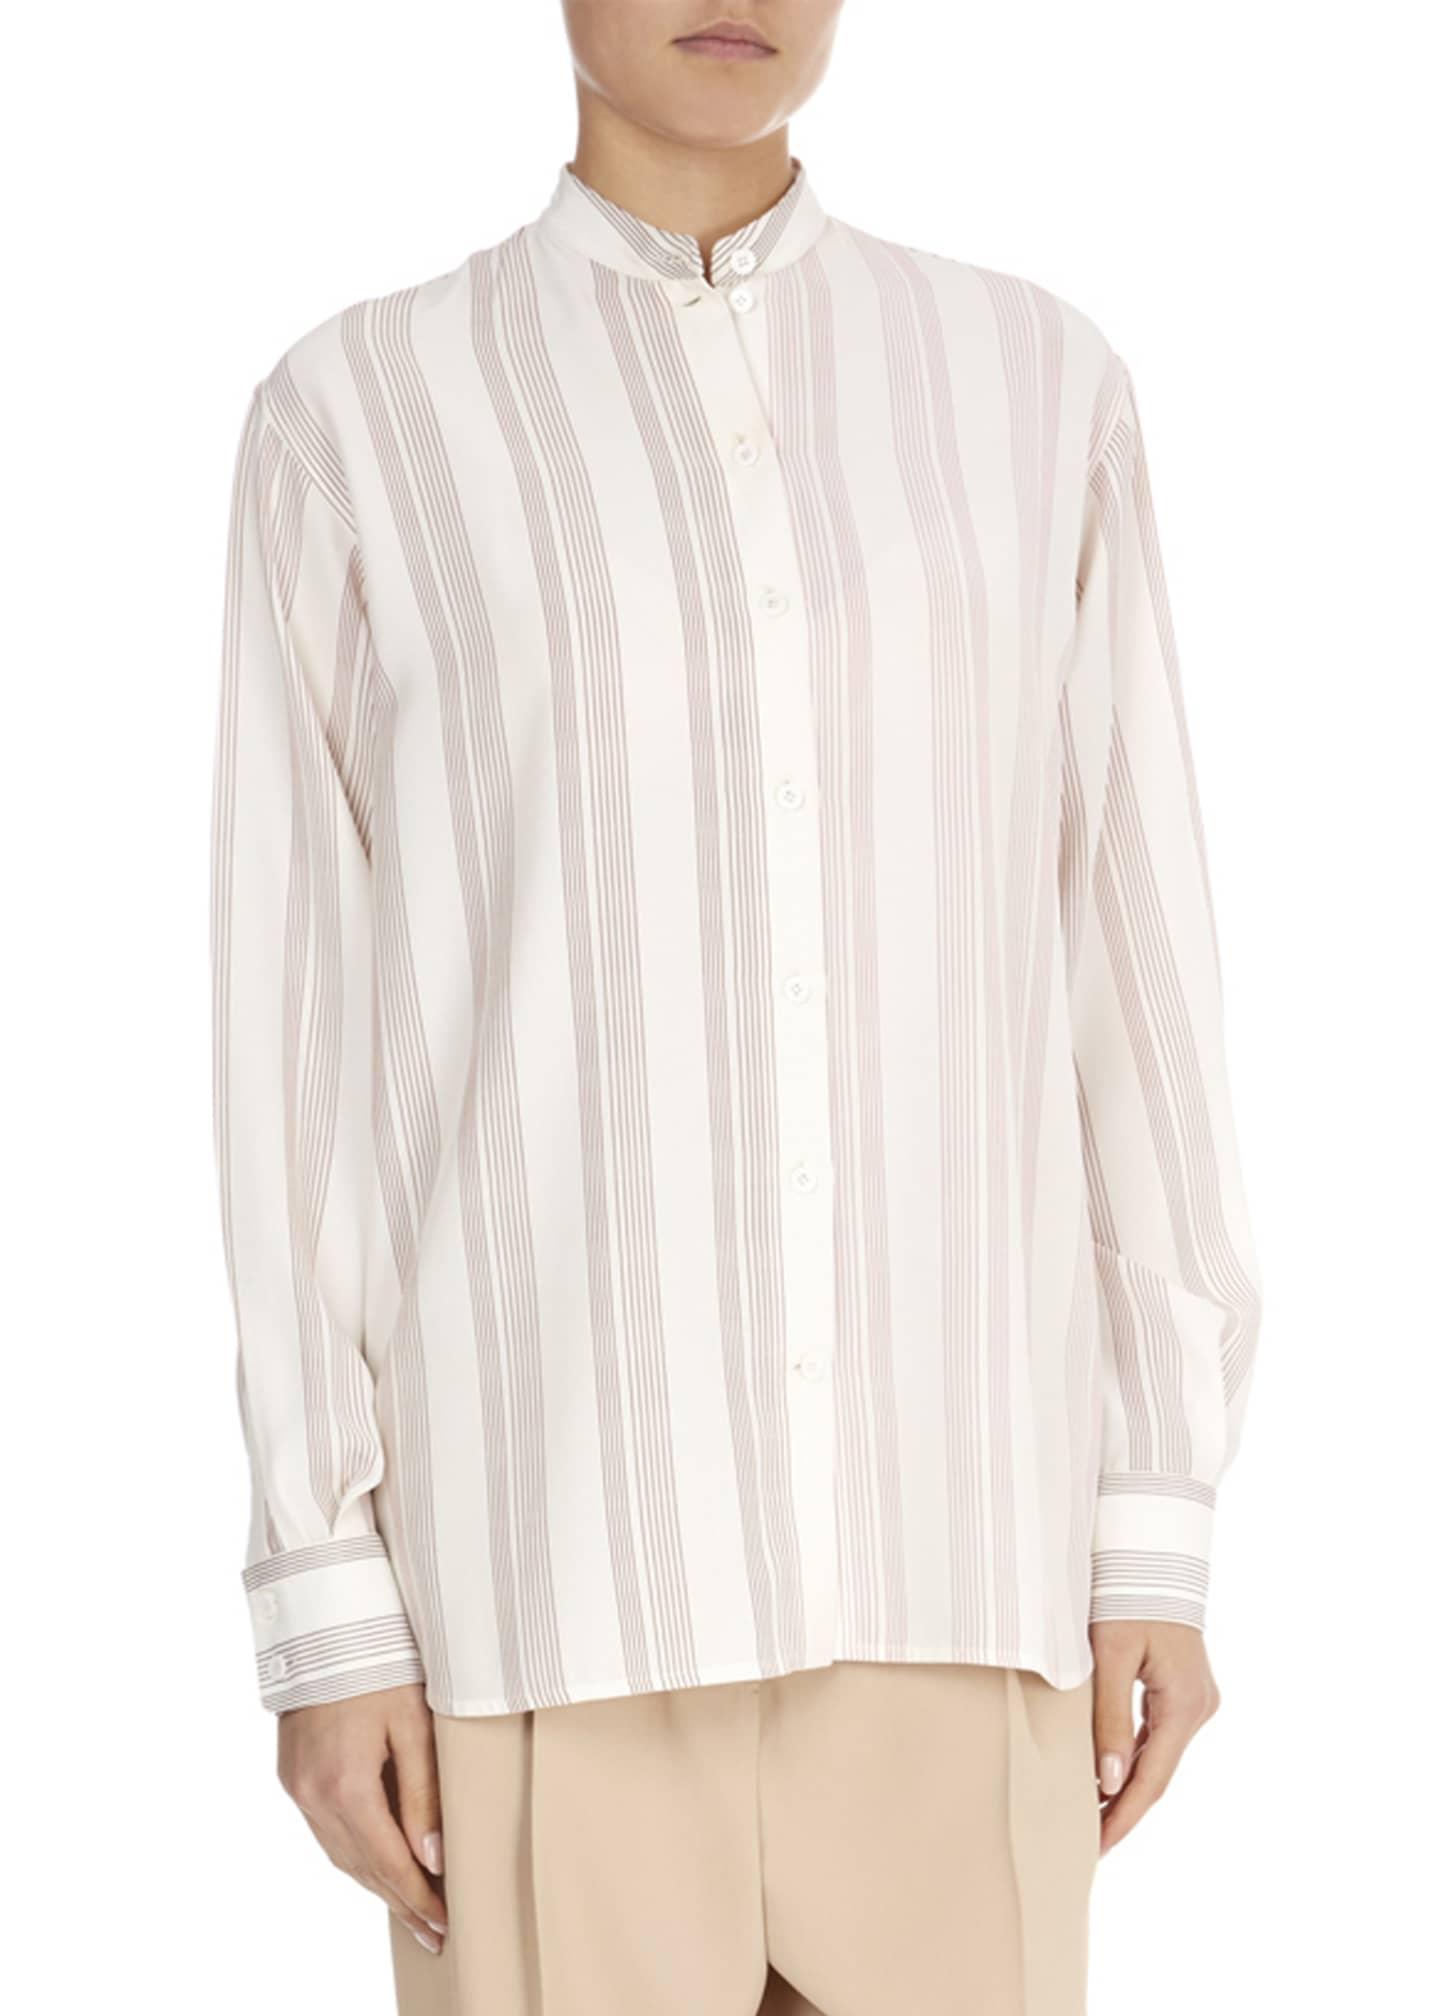 Victoria Beckham Silk Striped Grandad Top